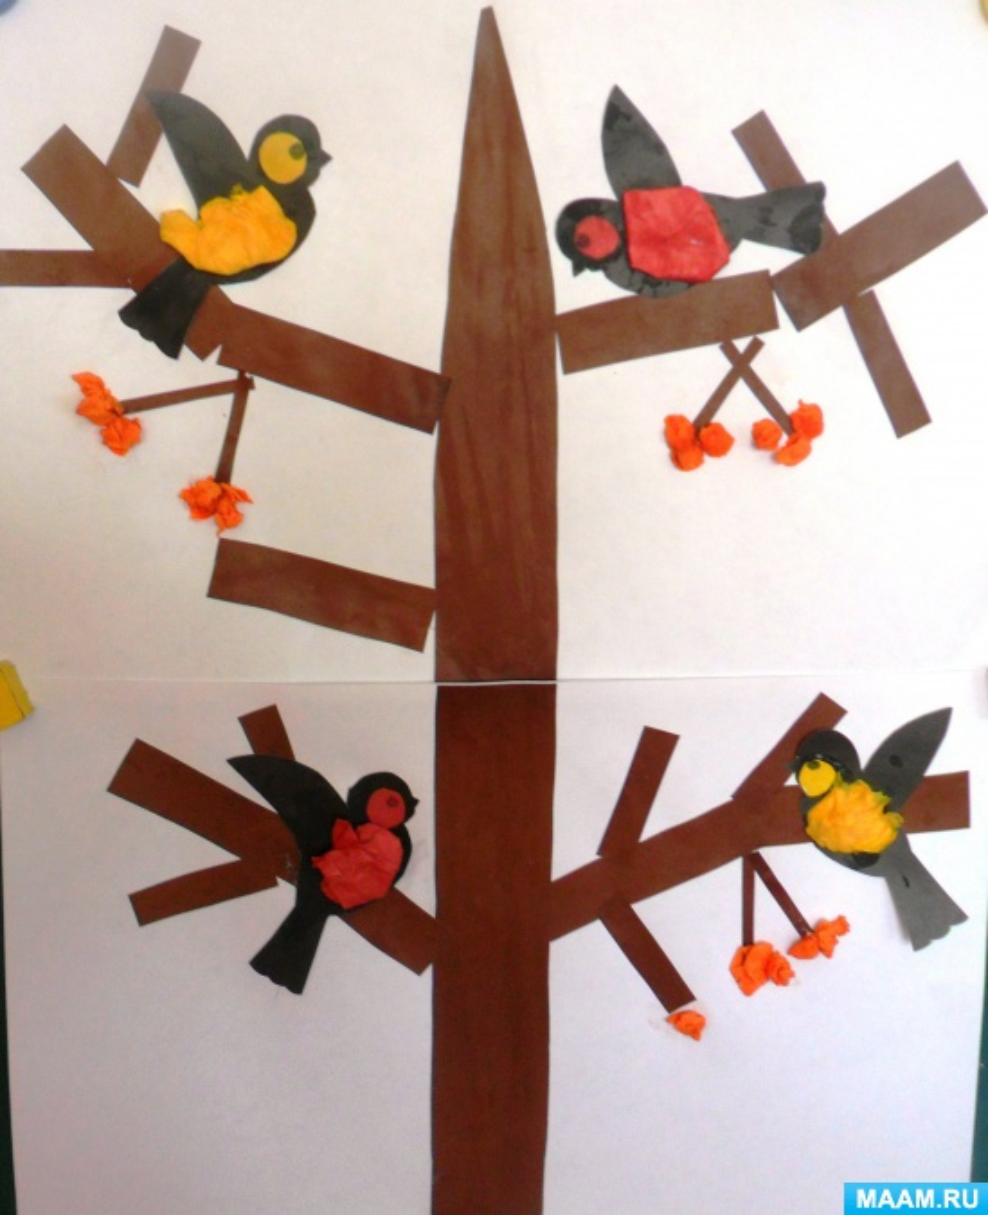 Конспект НОД по конструированию из бумаги в средней группе Тема «Птицы на ветке»